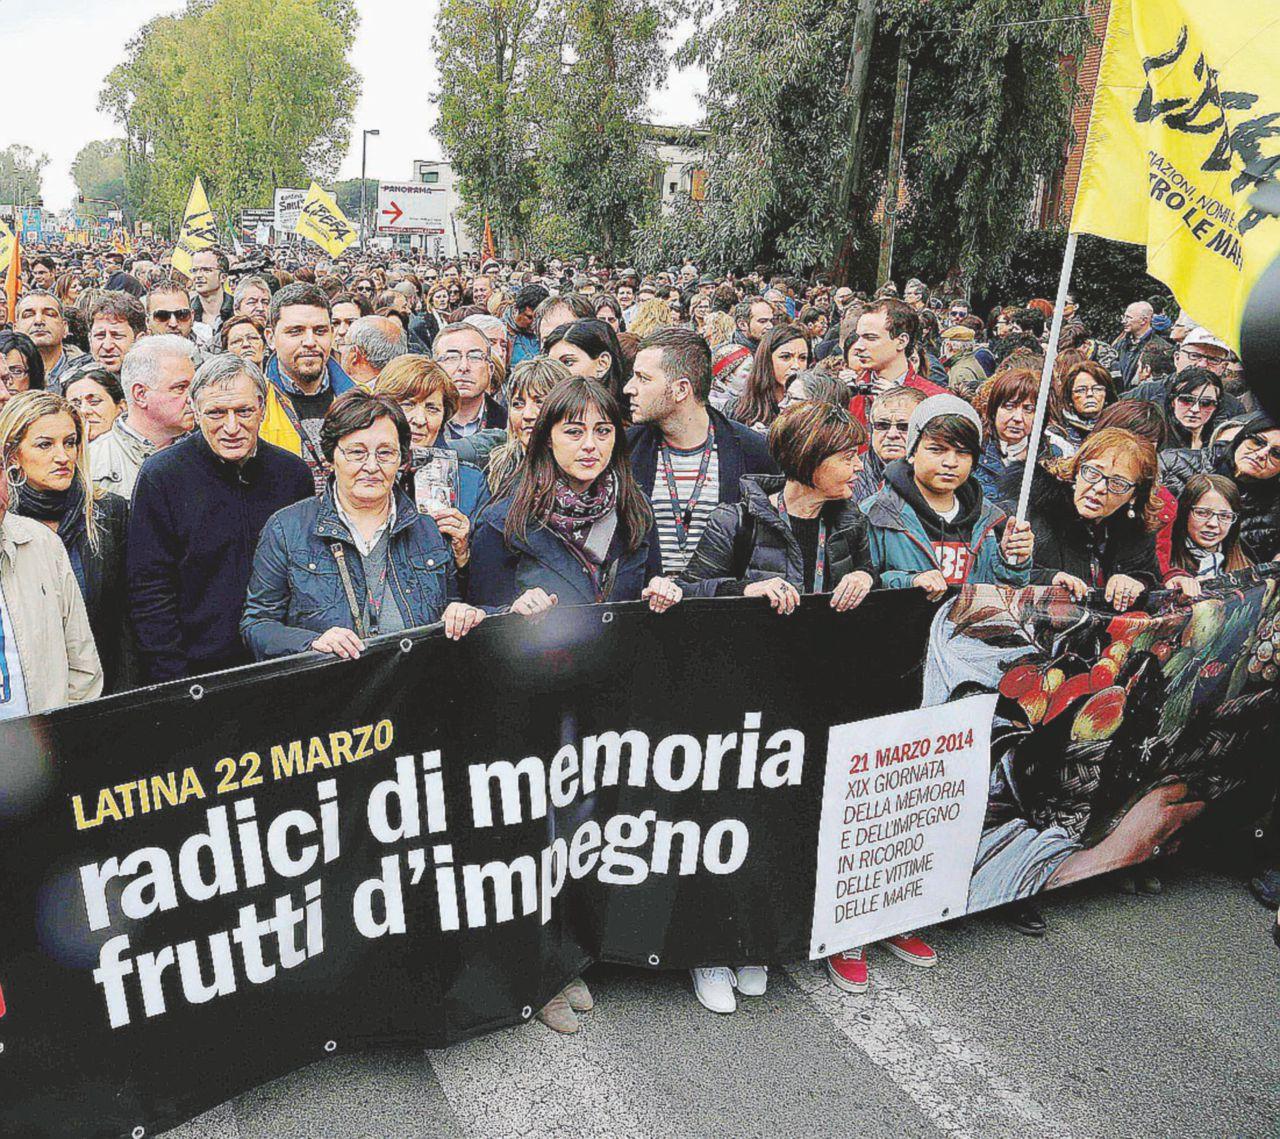 Libera, arriva la scissione: se ne vanno quattro gruppi del Lazio